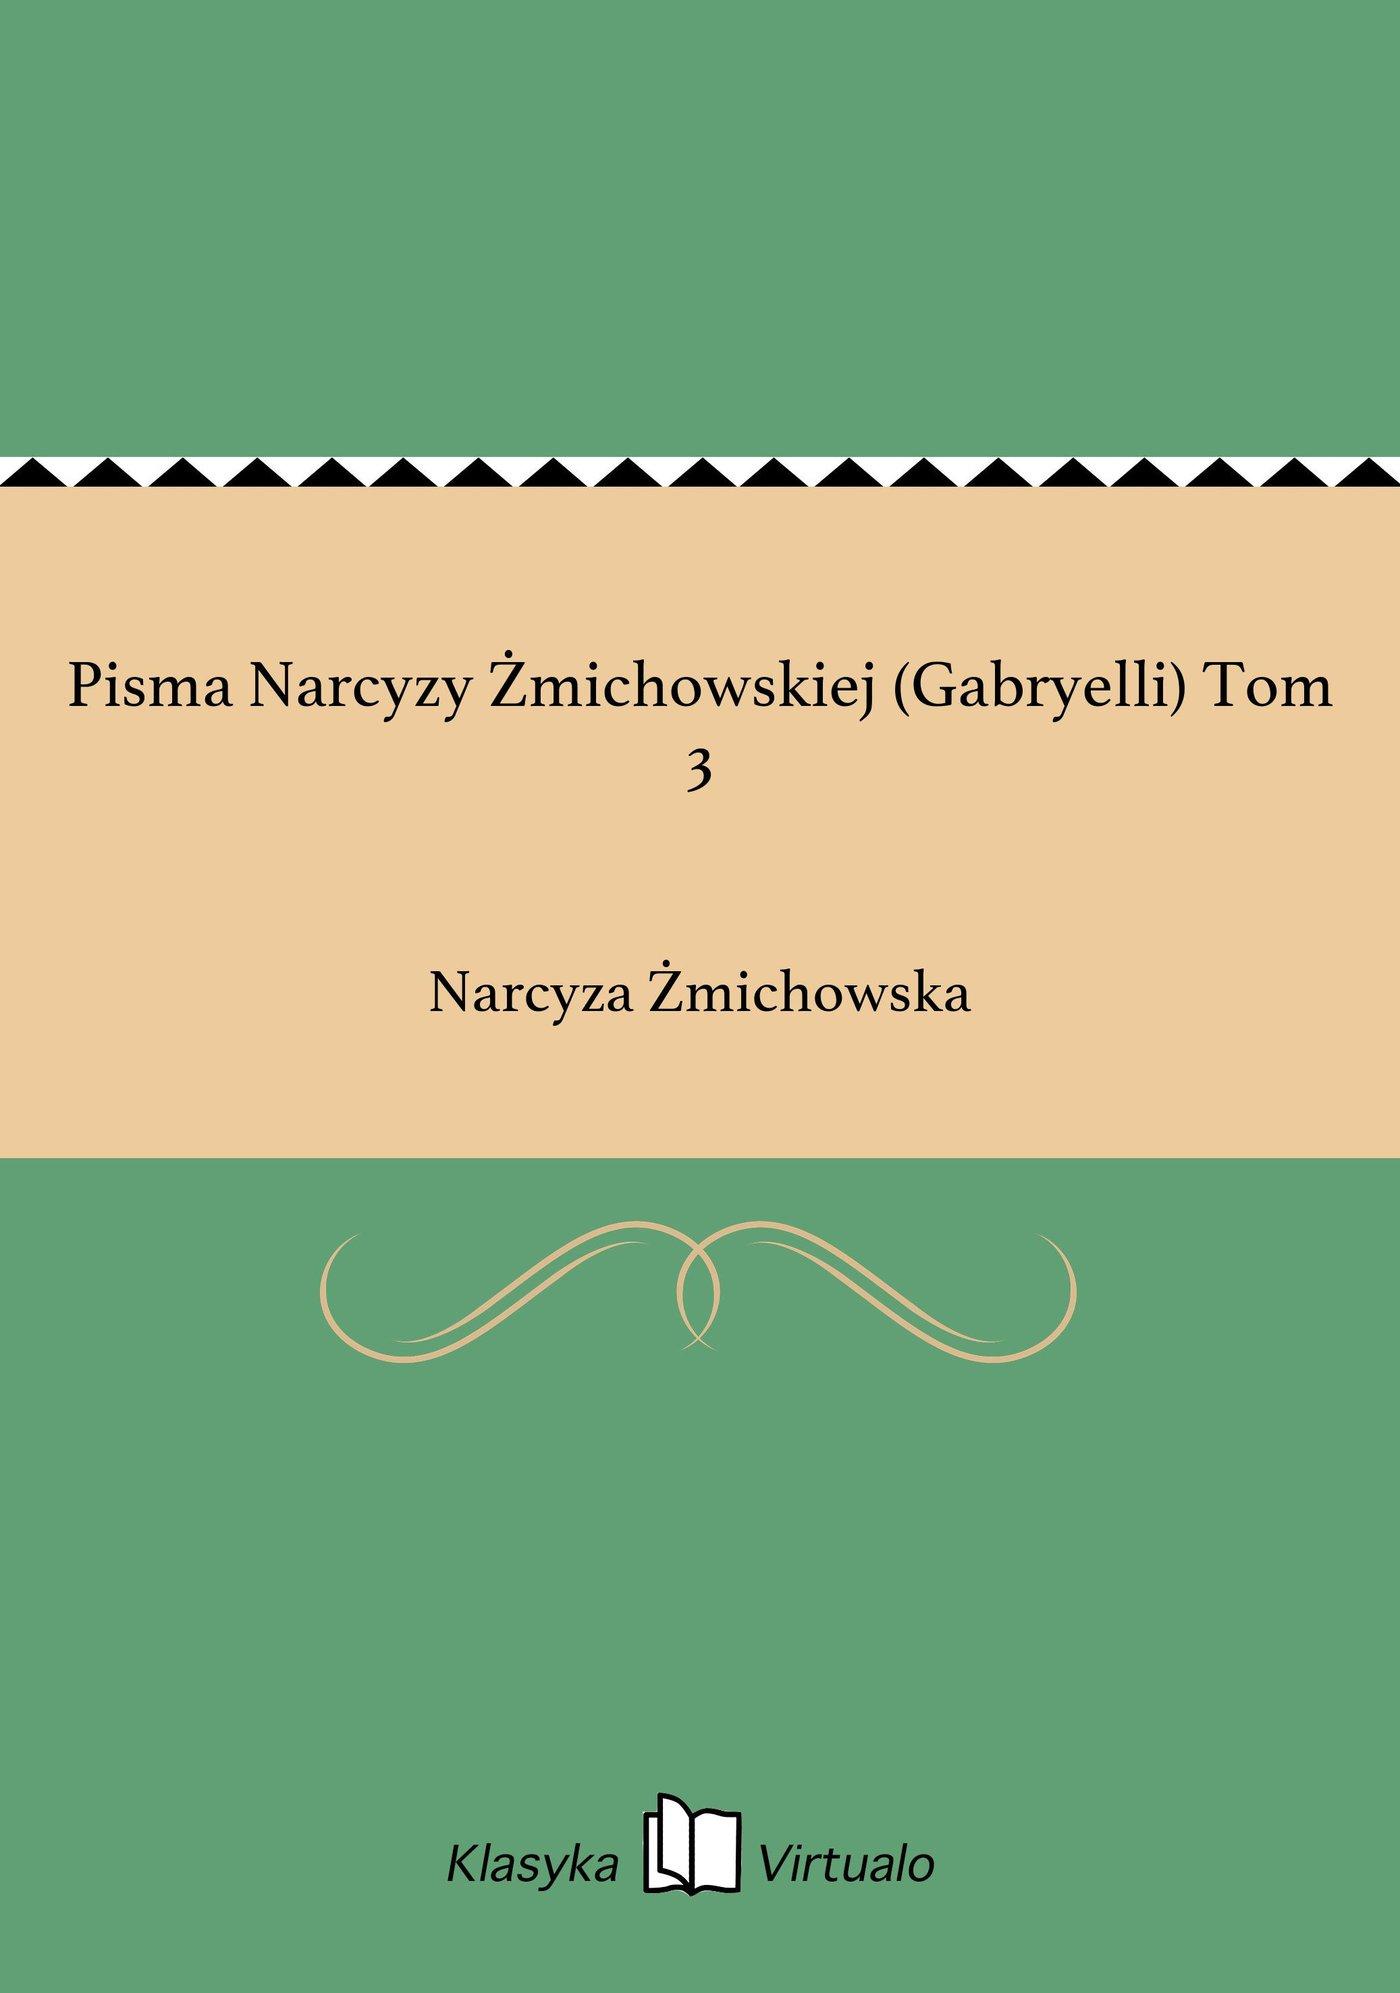 Pisma Narcyzy Żmichowskiej (Gabryelli) Tom 3 - Ebook (Książka na Kindle) do pobrania w formacie MOBI